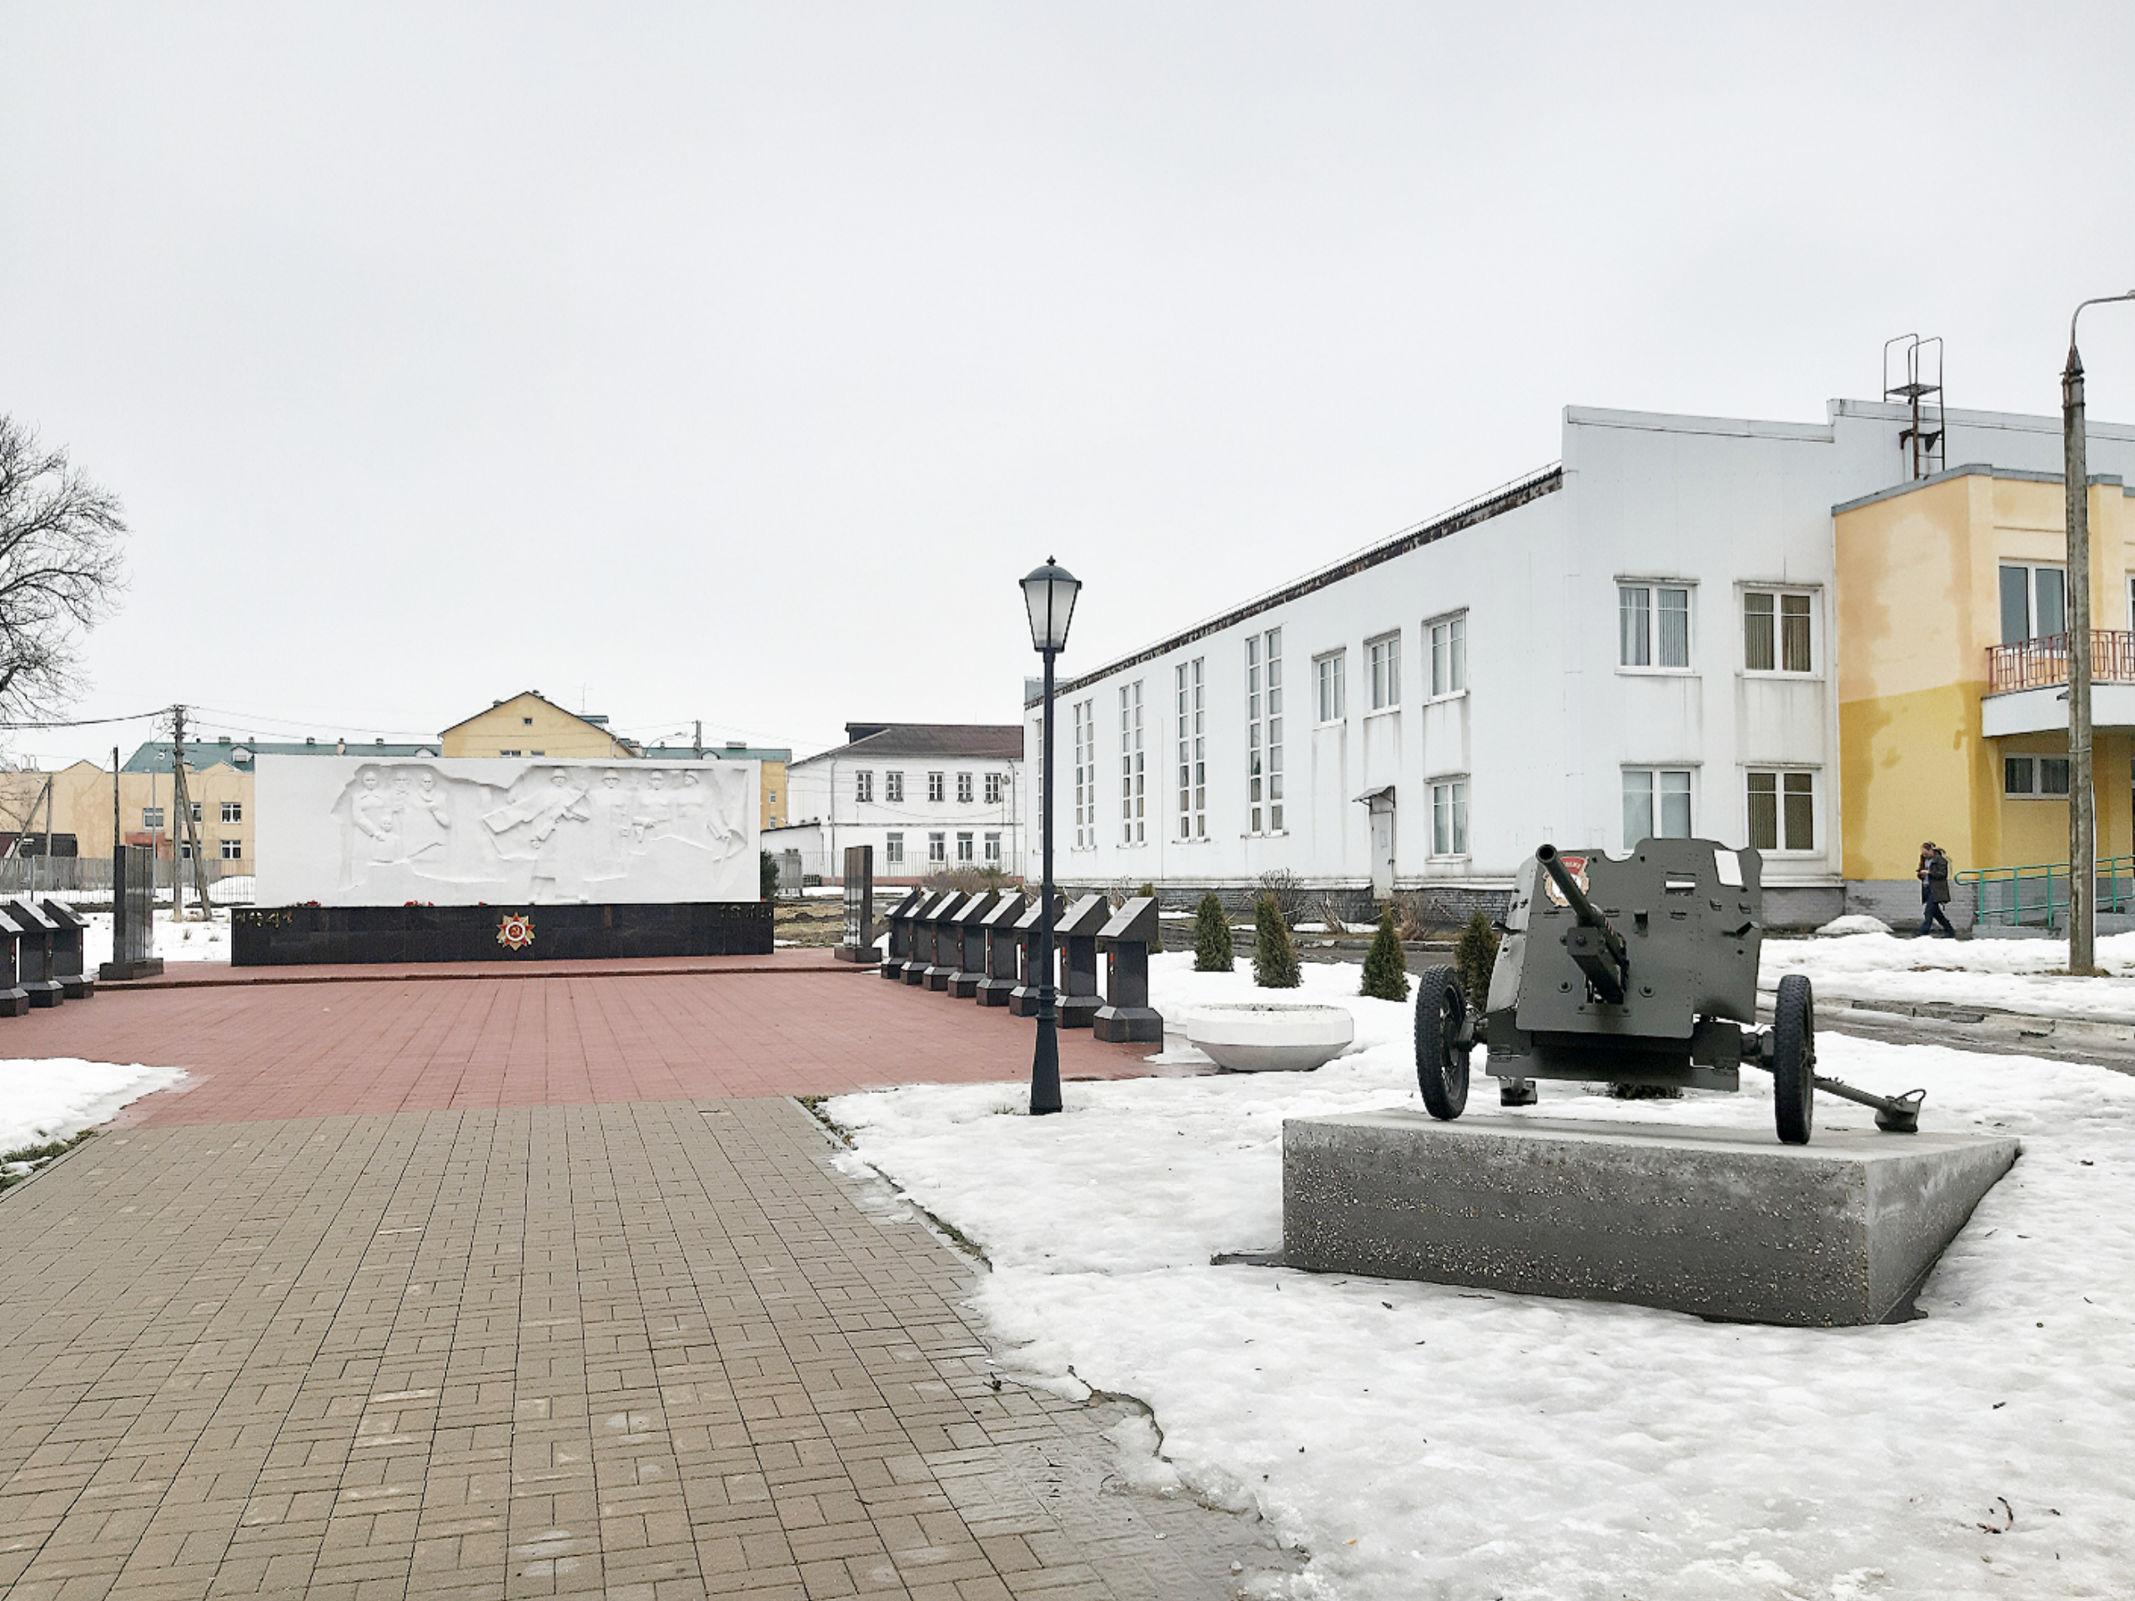 Депутат Лариса Ушакова: «Жители сами могут решать, какие объекты обустраивать»